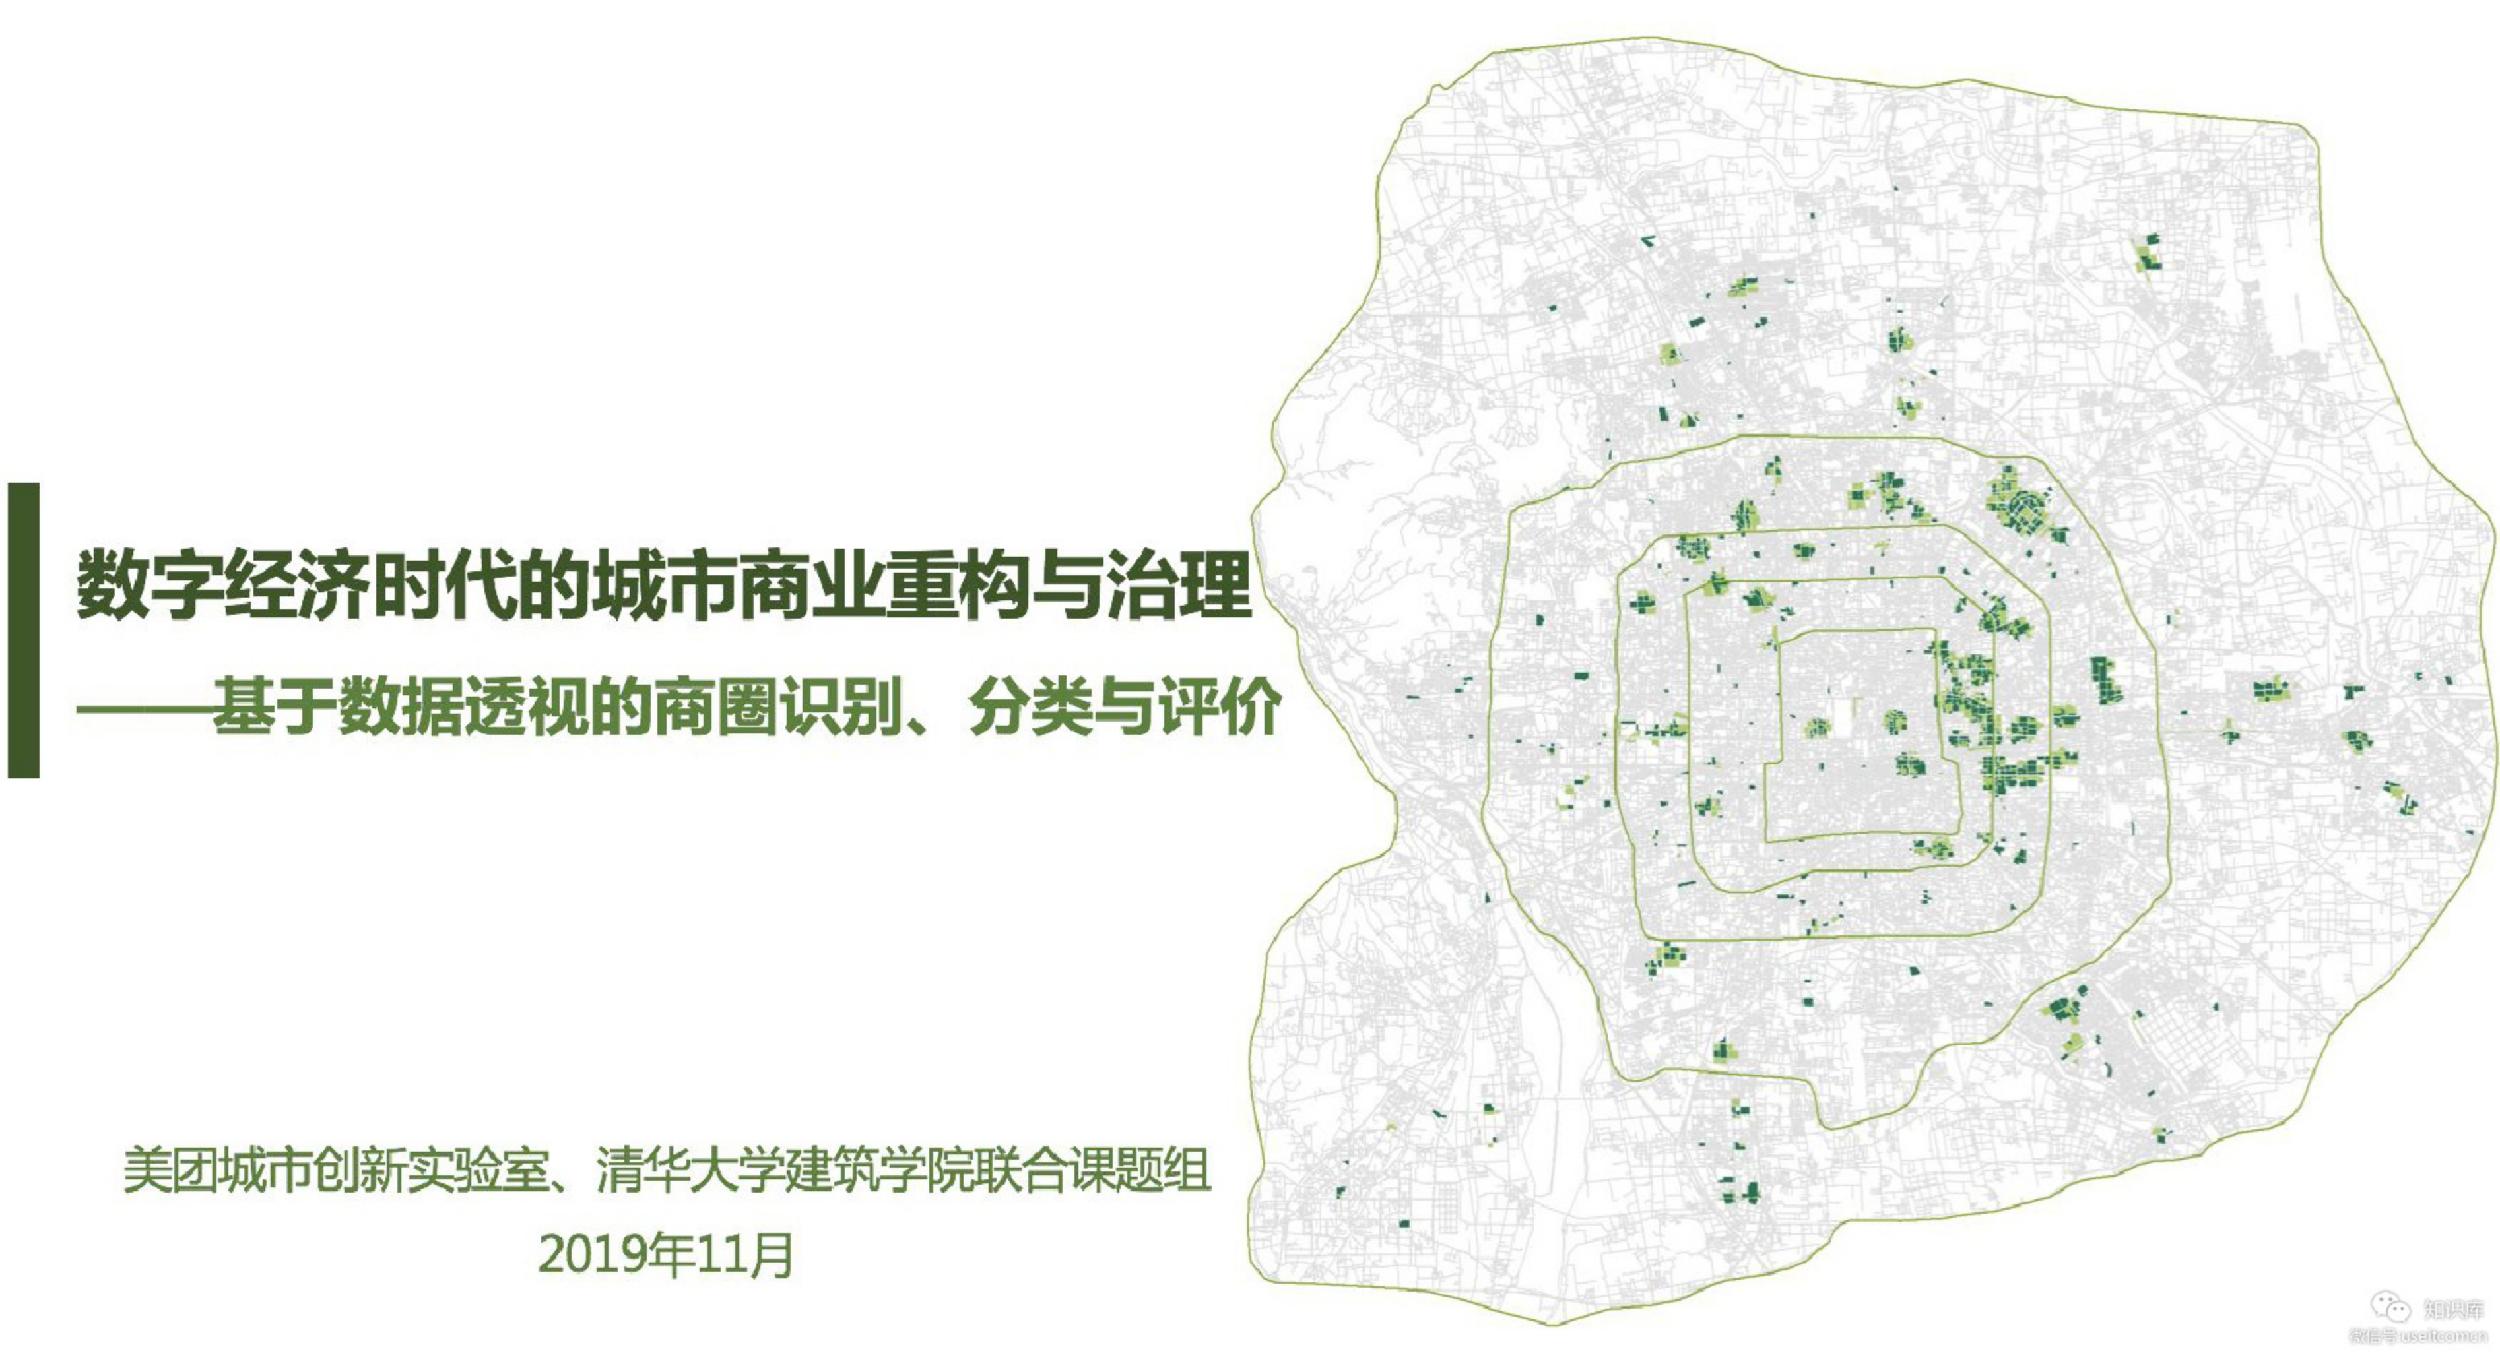 美团&清华大学:数字经济时代的城市商业重构与治理